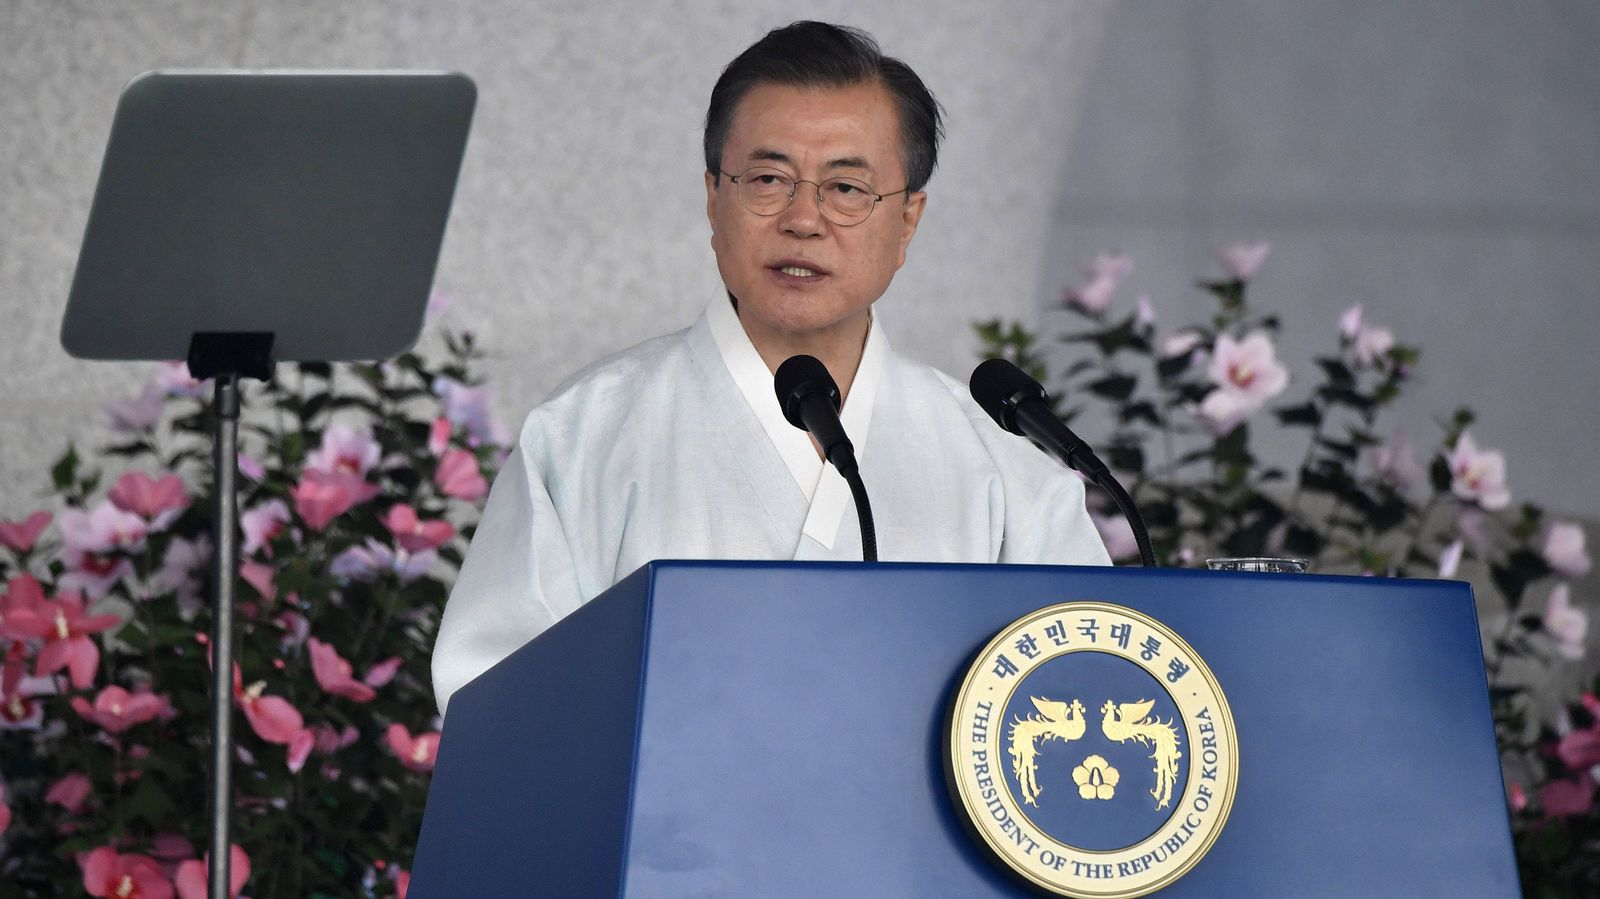 日本攻撃が大好きな韓国大統領との付き合い方 ここにきて急速に軟化しているが…